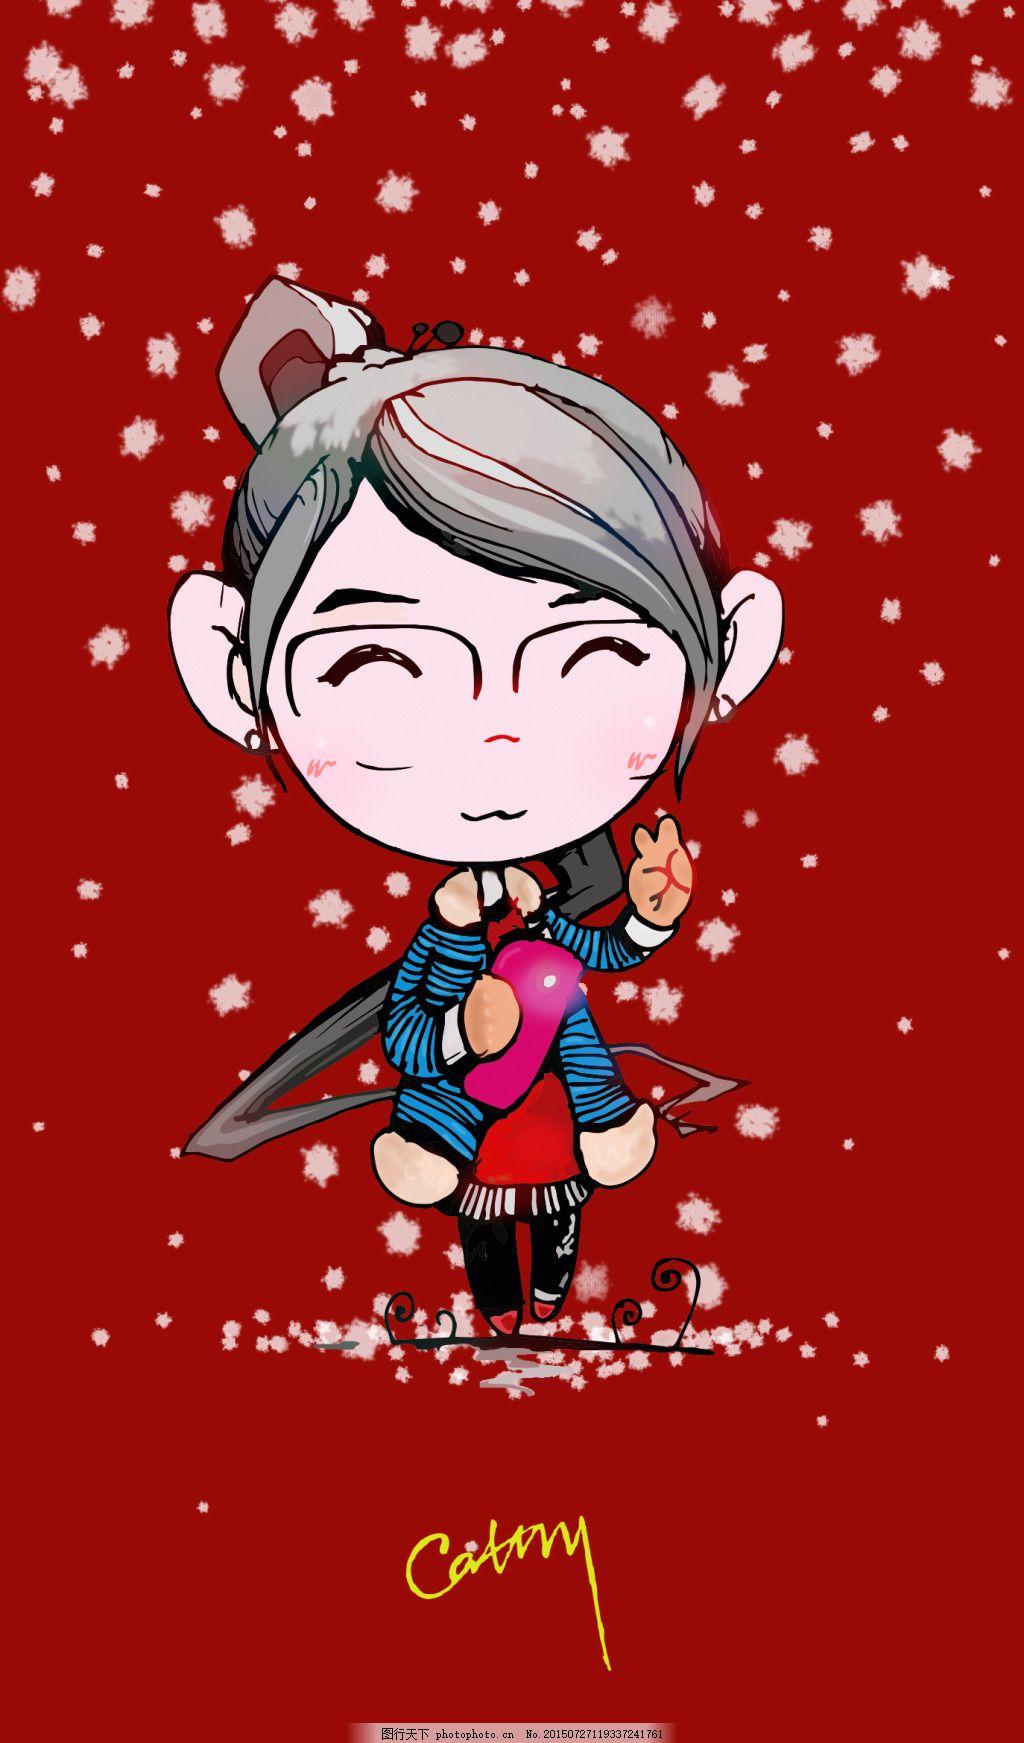 手机壁纸 女孩单独素材 卡通人物 zlppsj 可爱娃娃 手绘鼠绘 微笑开心